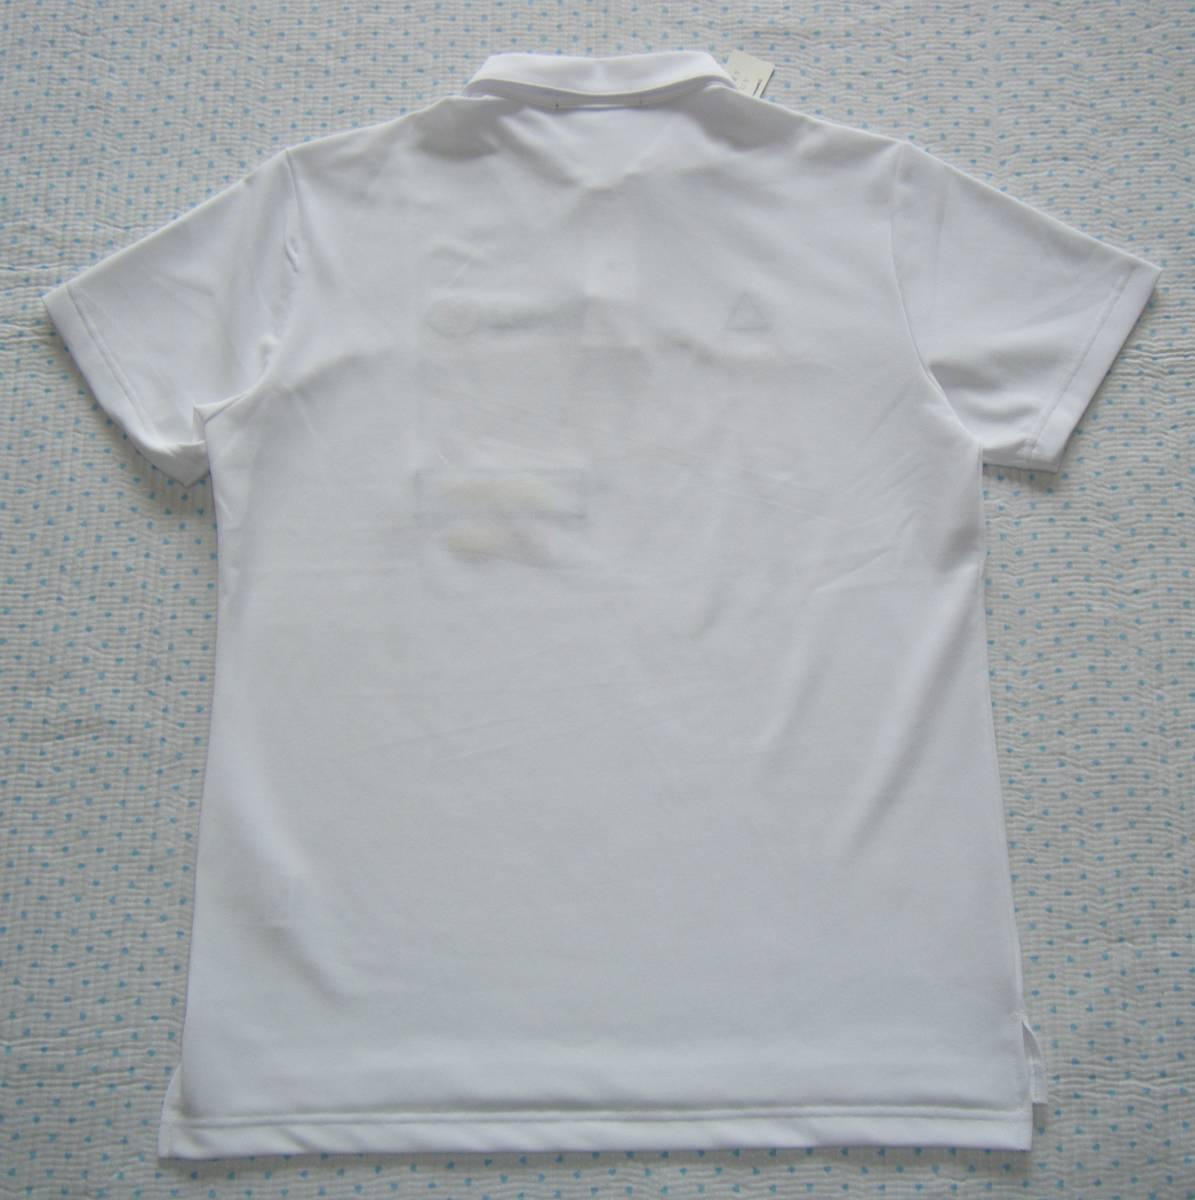 ルコック lecoq FRANCE 82 ゴルフ用高機能/冷感ポロシャツ 白色 サイズ L 吸汗速乾/ストレッチ/UV機能 定価 9,350円_画像4